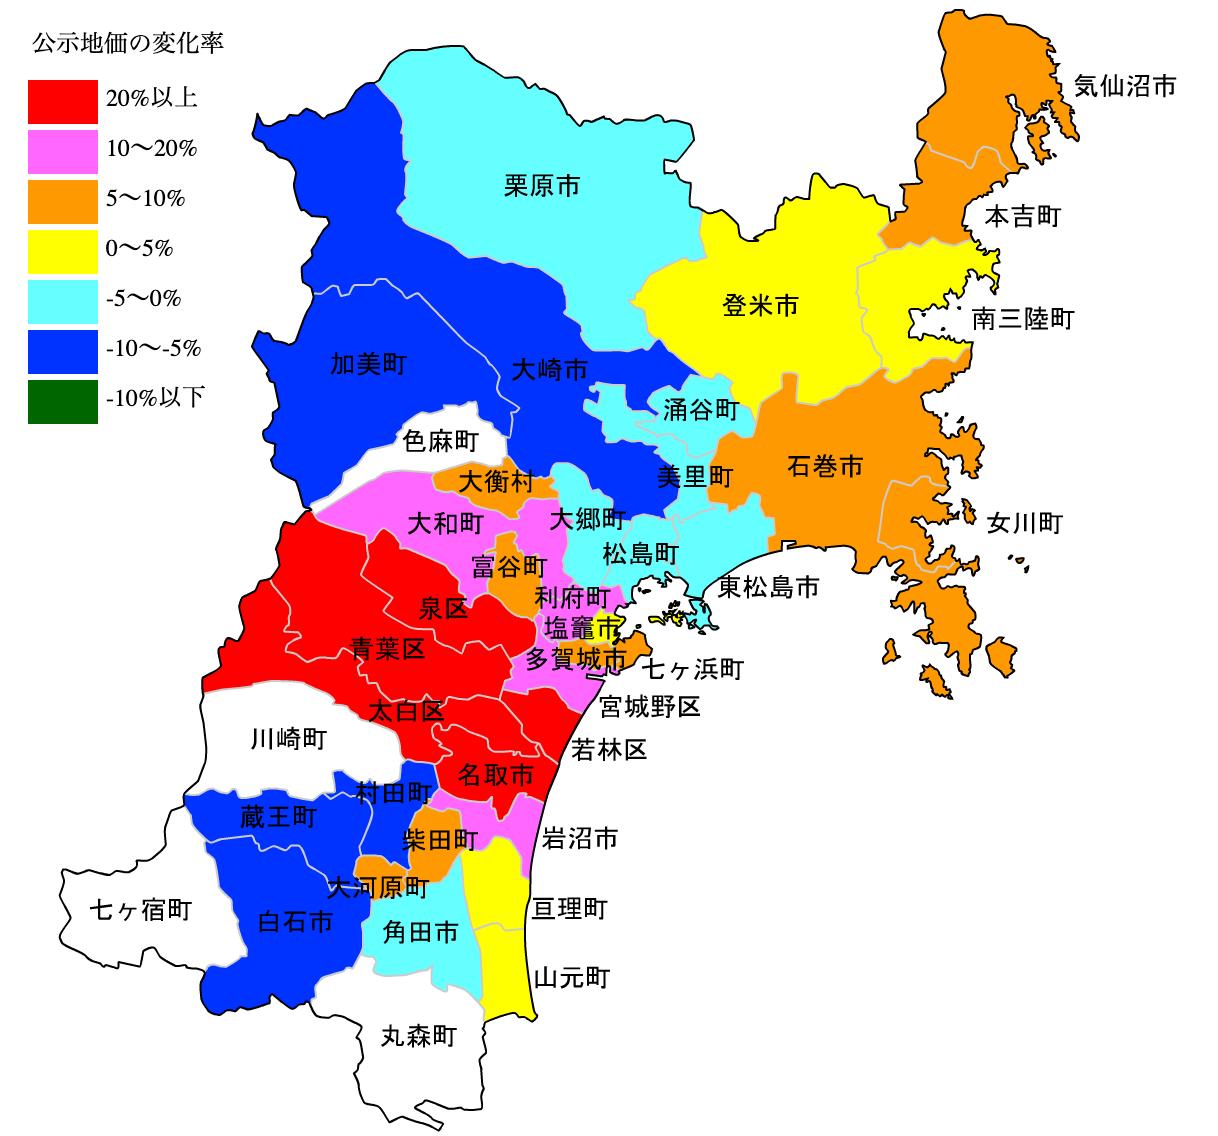 宮城県の公示地価の変化率図 H25-H31